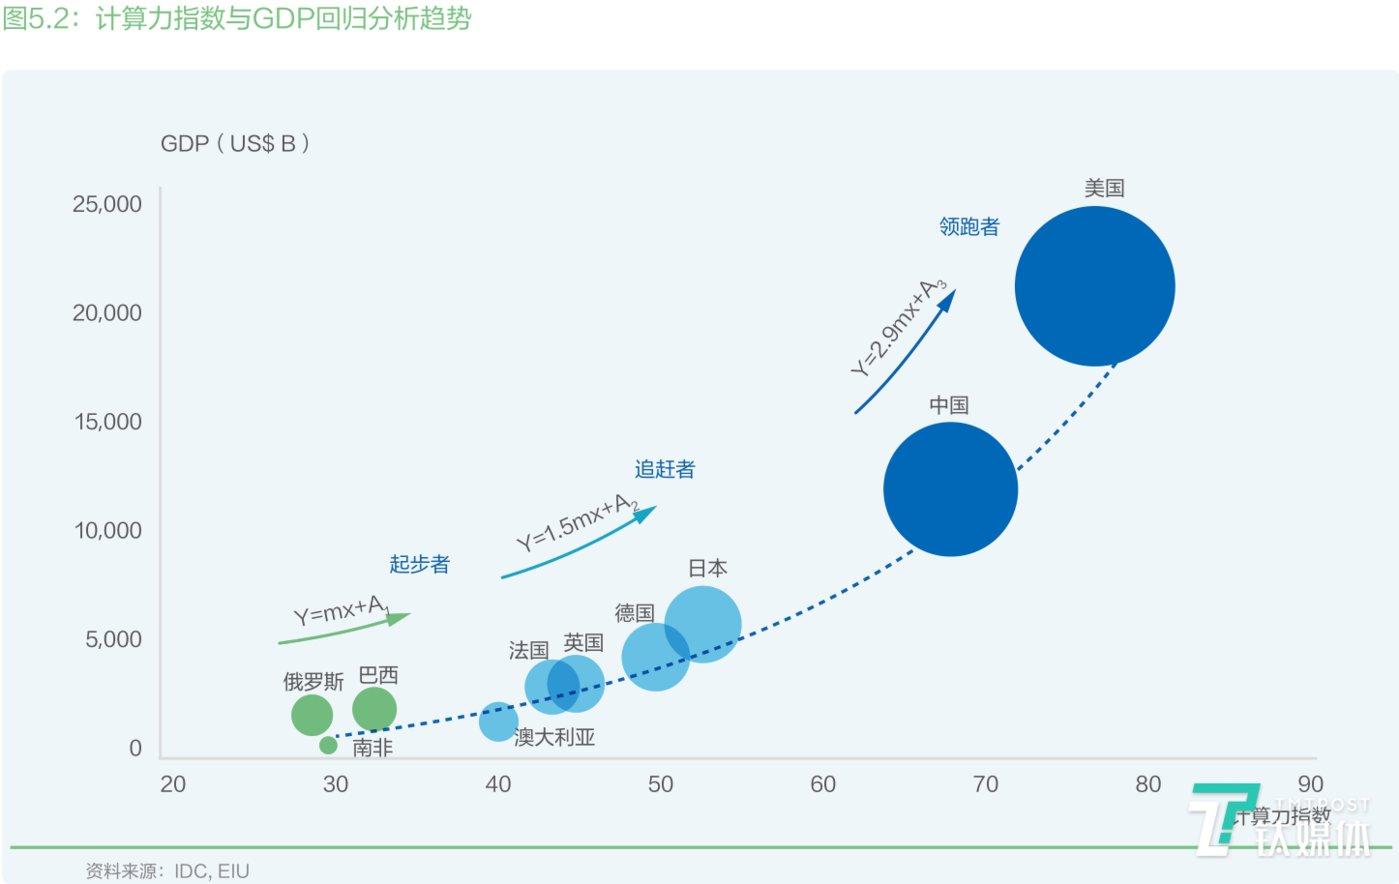 计算力指数与GDP回归分析趋势